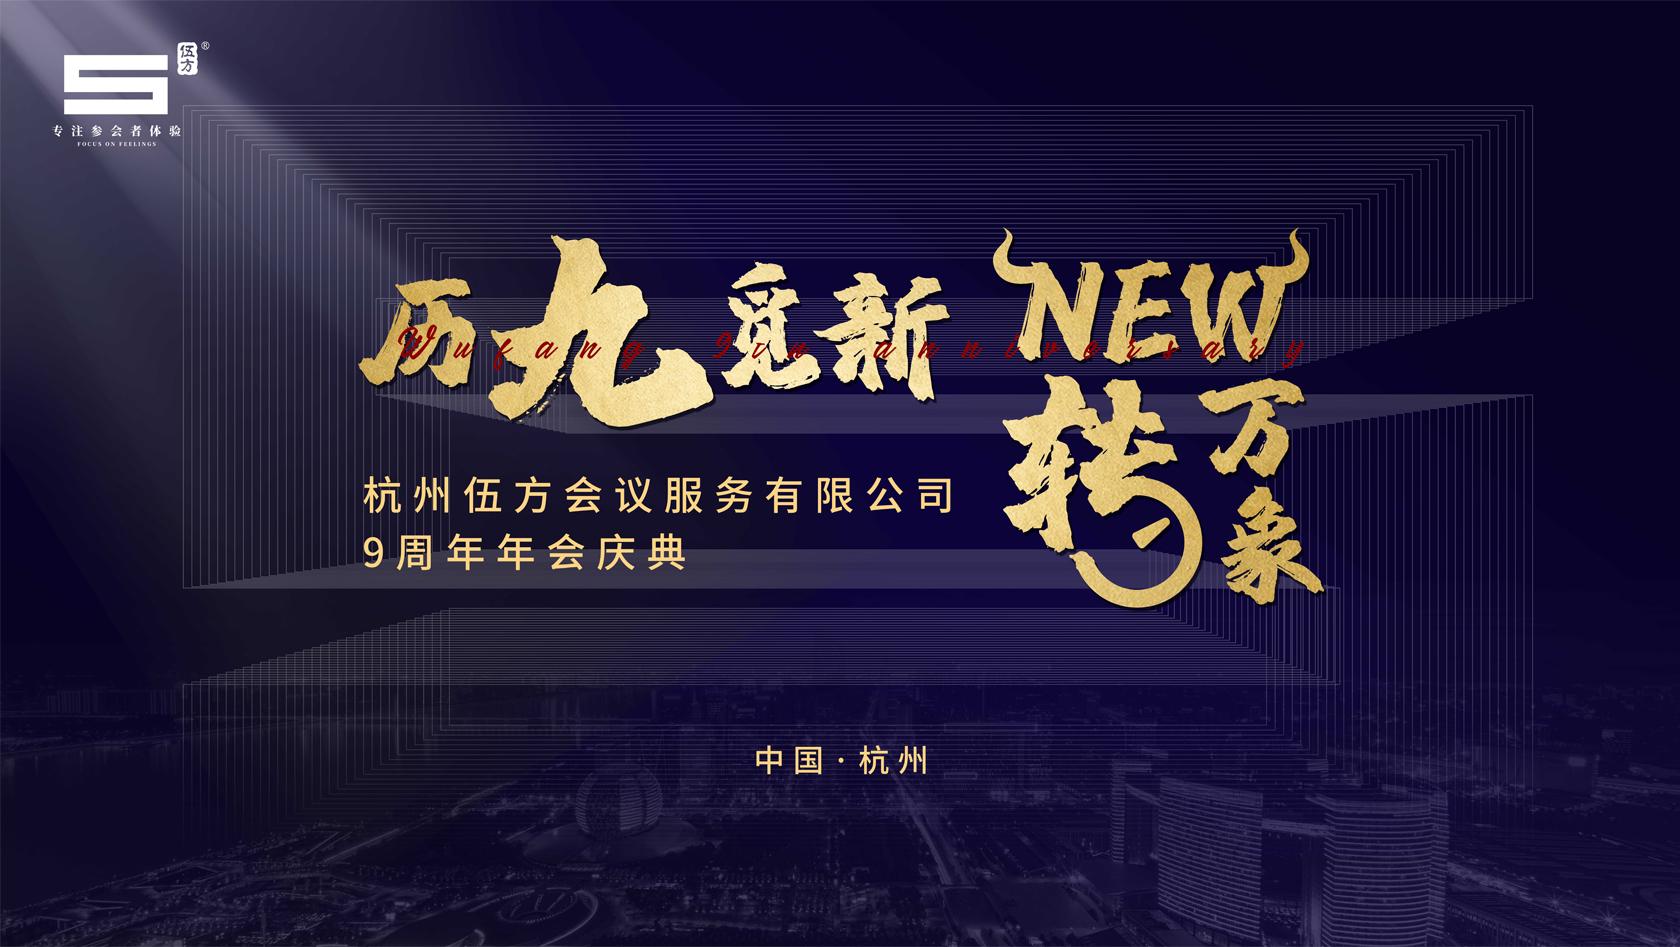 杭州伍方会议服务有限公司九周年庆典――历九觅新 New转万象